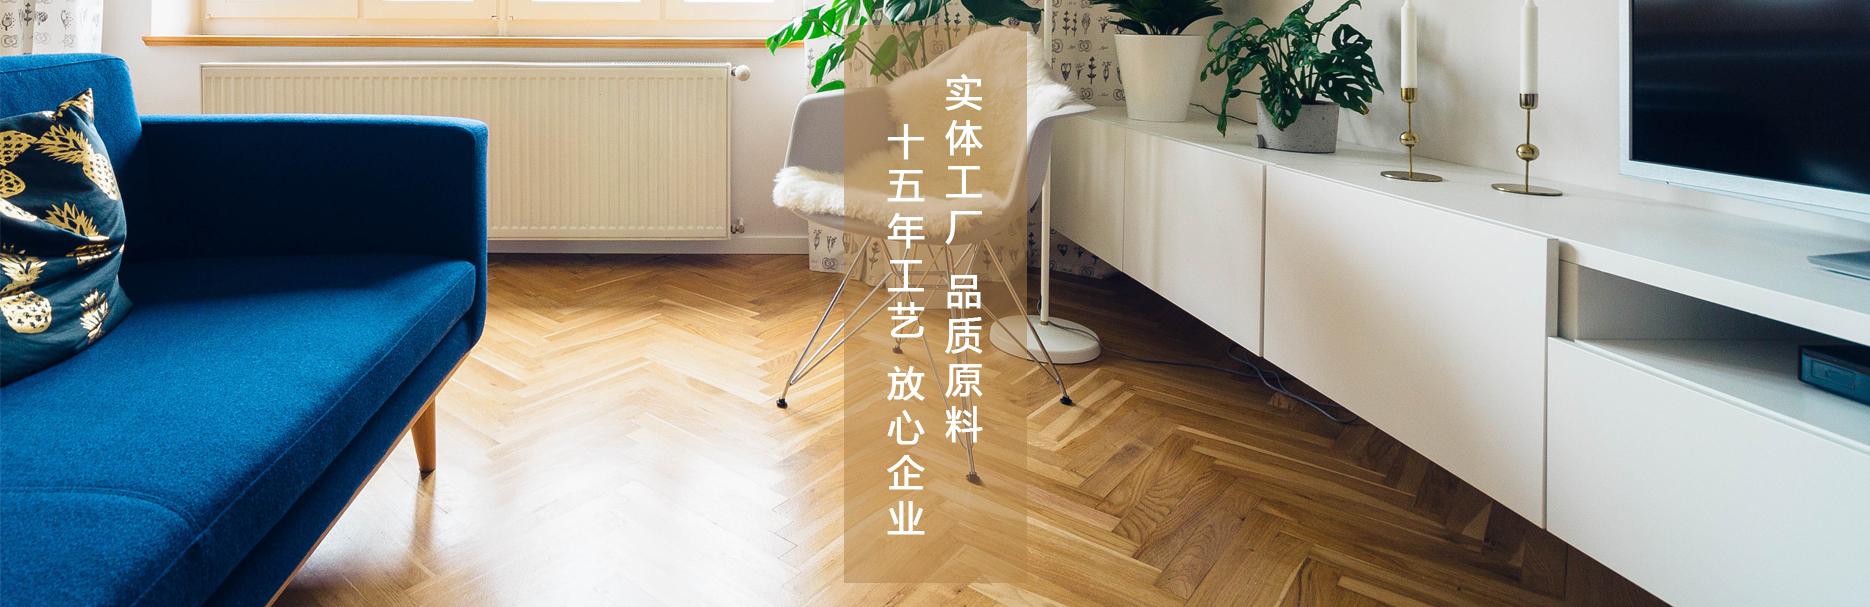 官網幻燈片改1